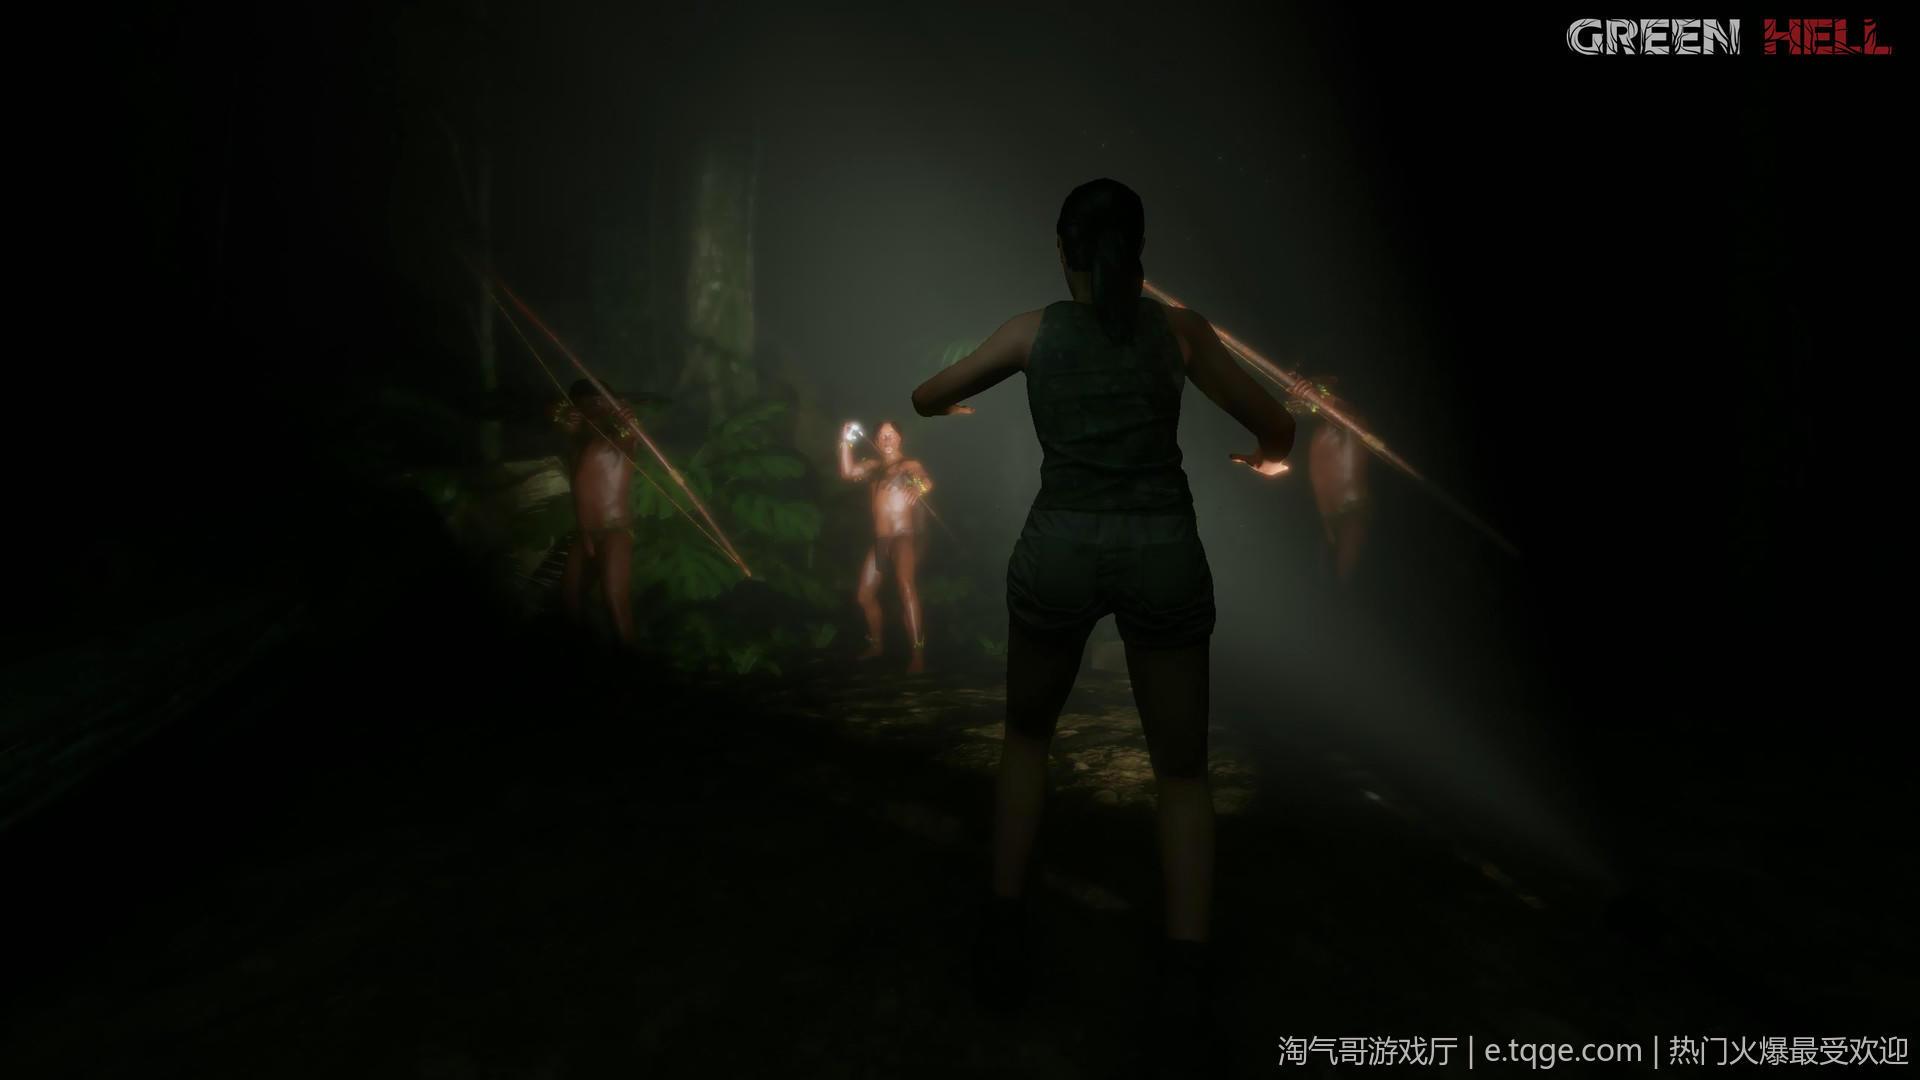 绿色地狱/丛林地狱 角色扮演 第12张